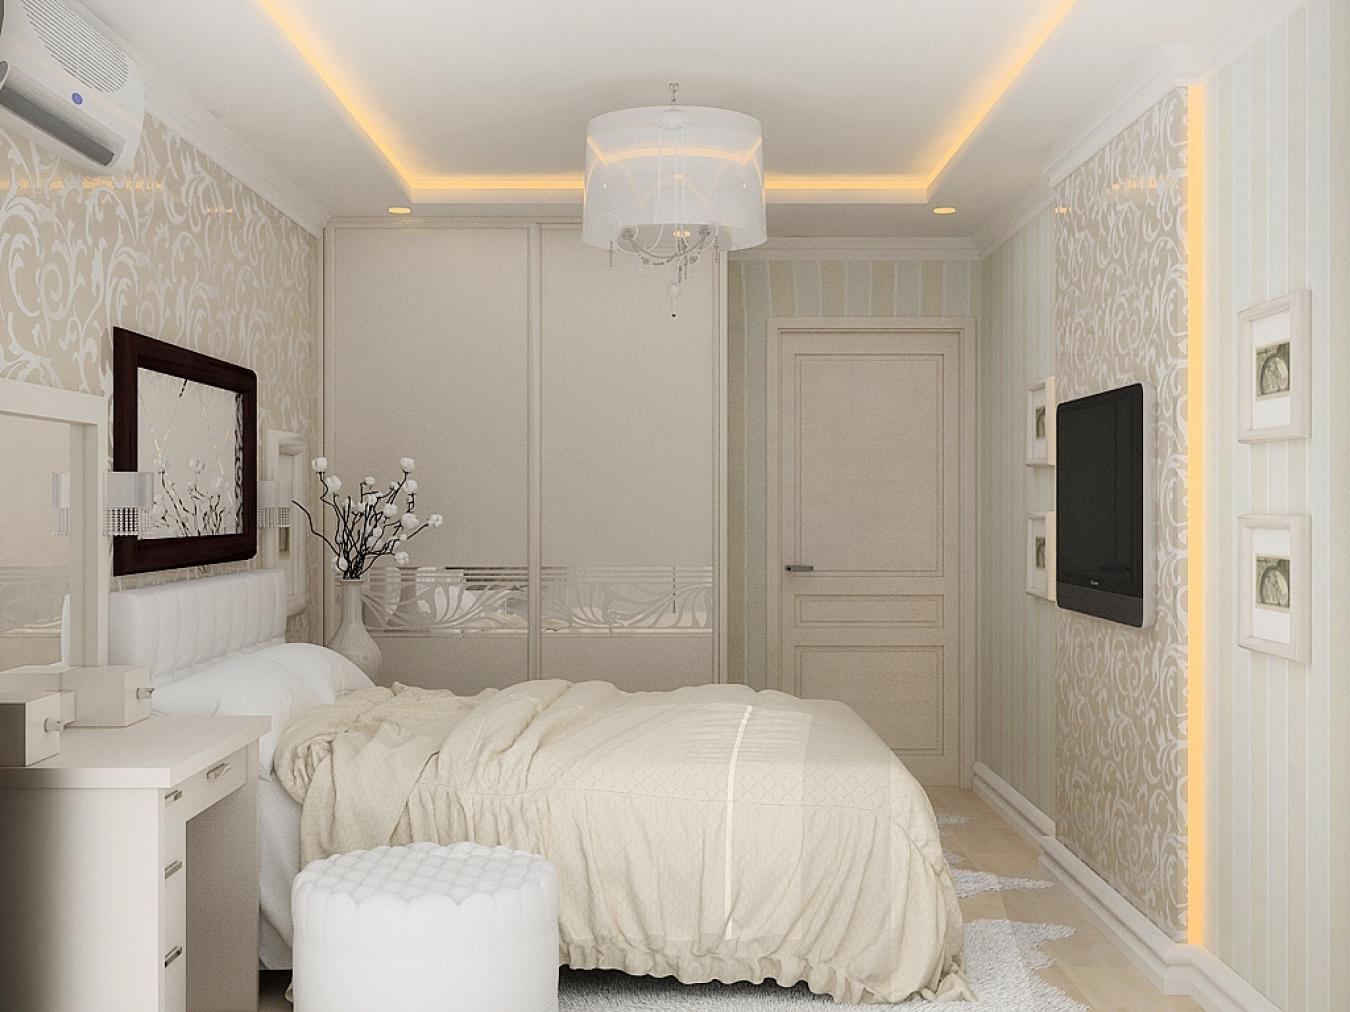 Спальный гарнитур должен удовлетворять многим требованиям